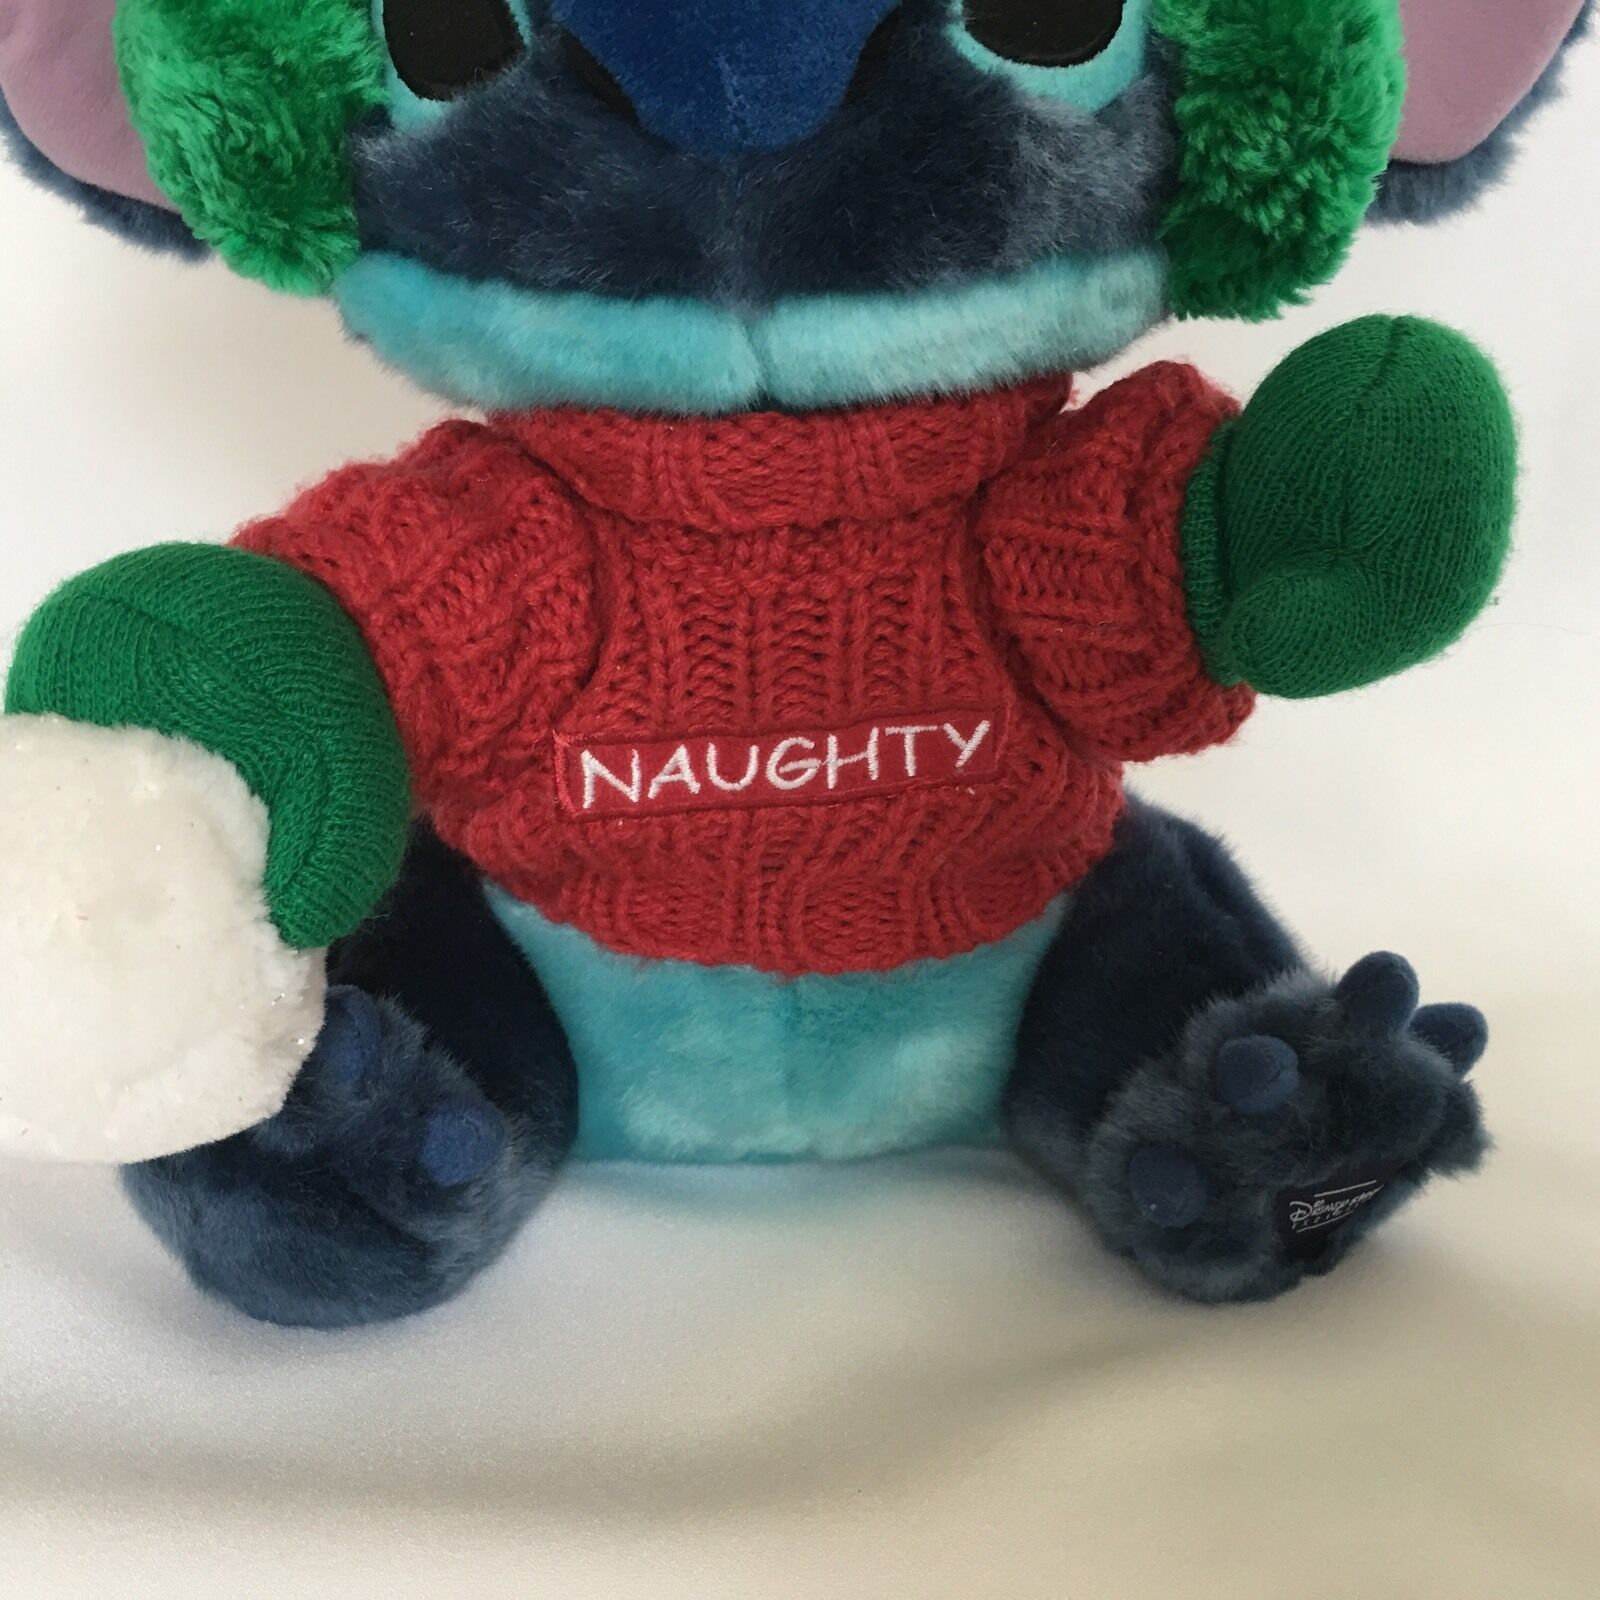 Disney Stitch From Lilo and Stitch Plush Blue Naughty Christmas Stuffed Animal image 4